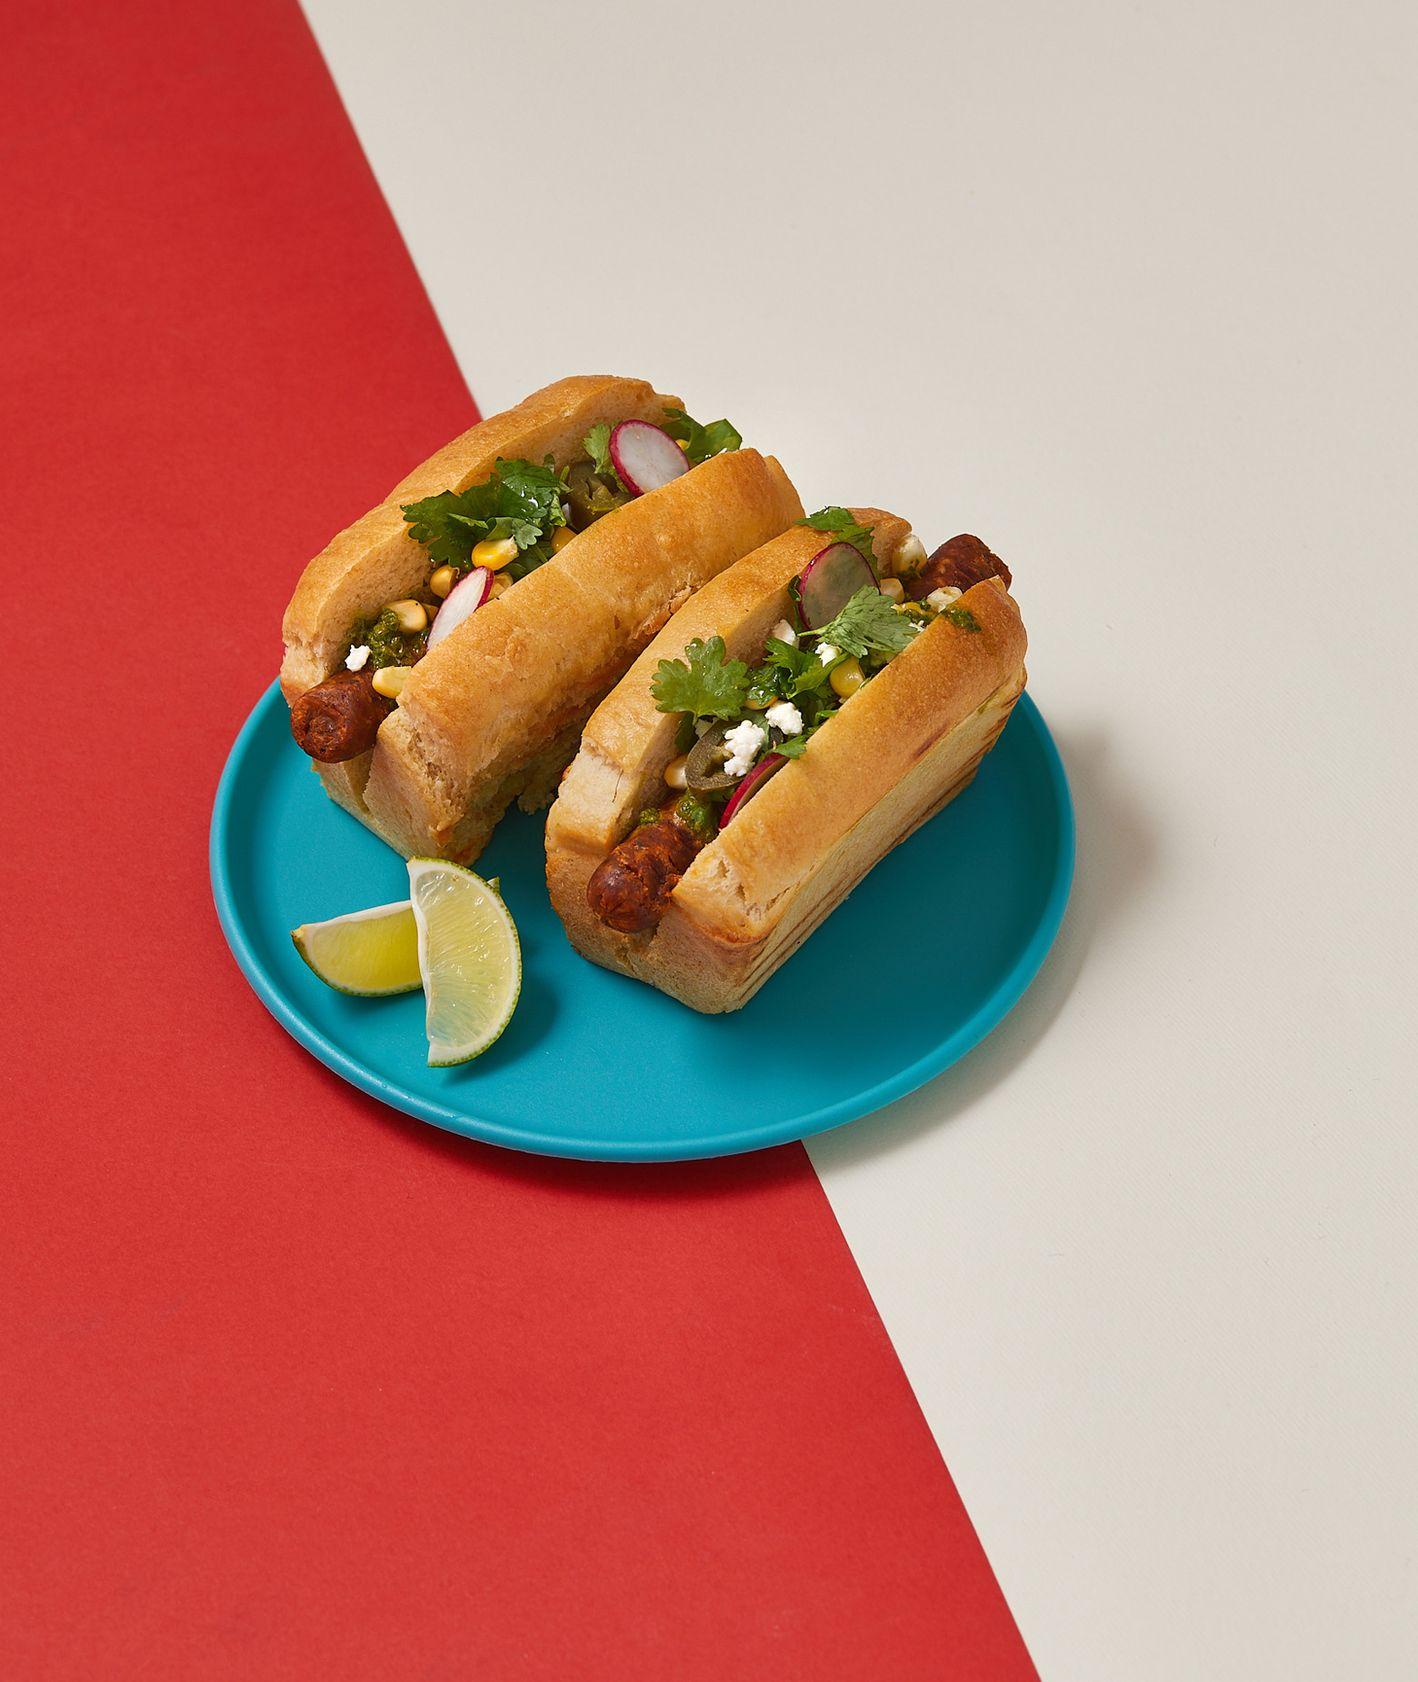 Wegańskie hot dog meksykański z salsą verde (fot. Maciek Niemojewski)